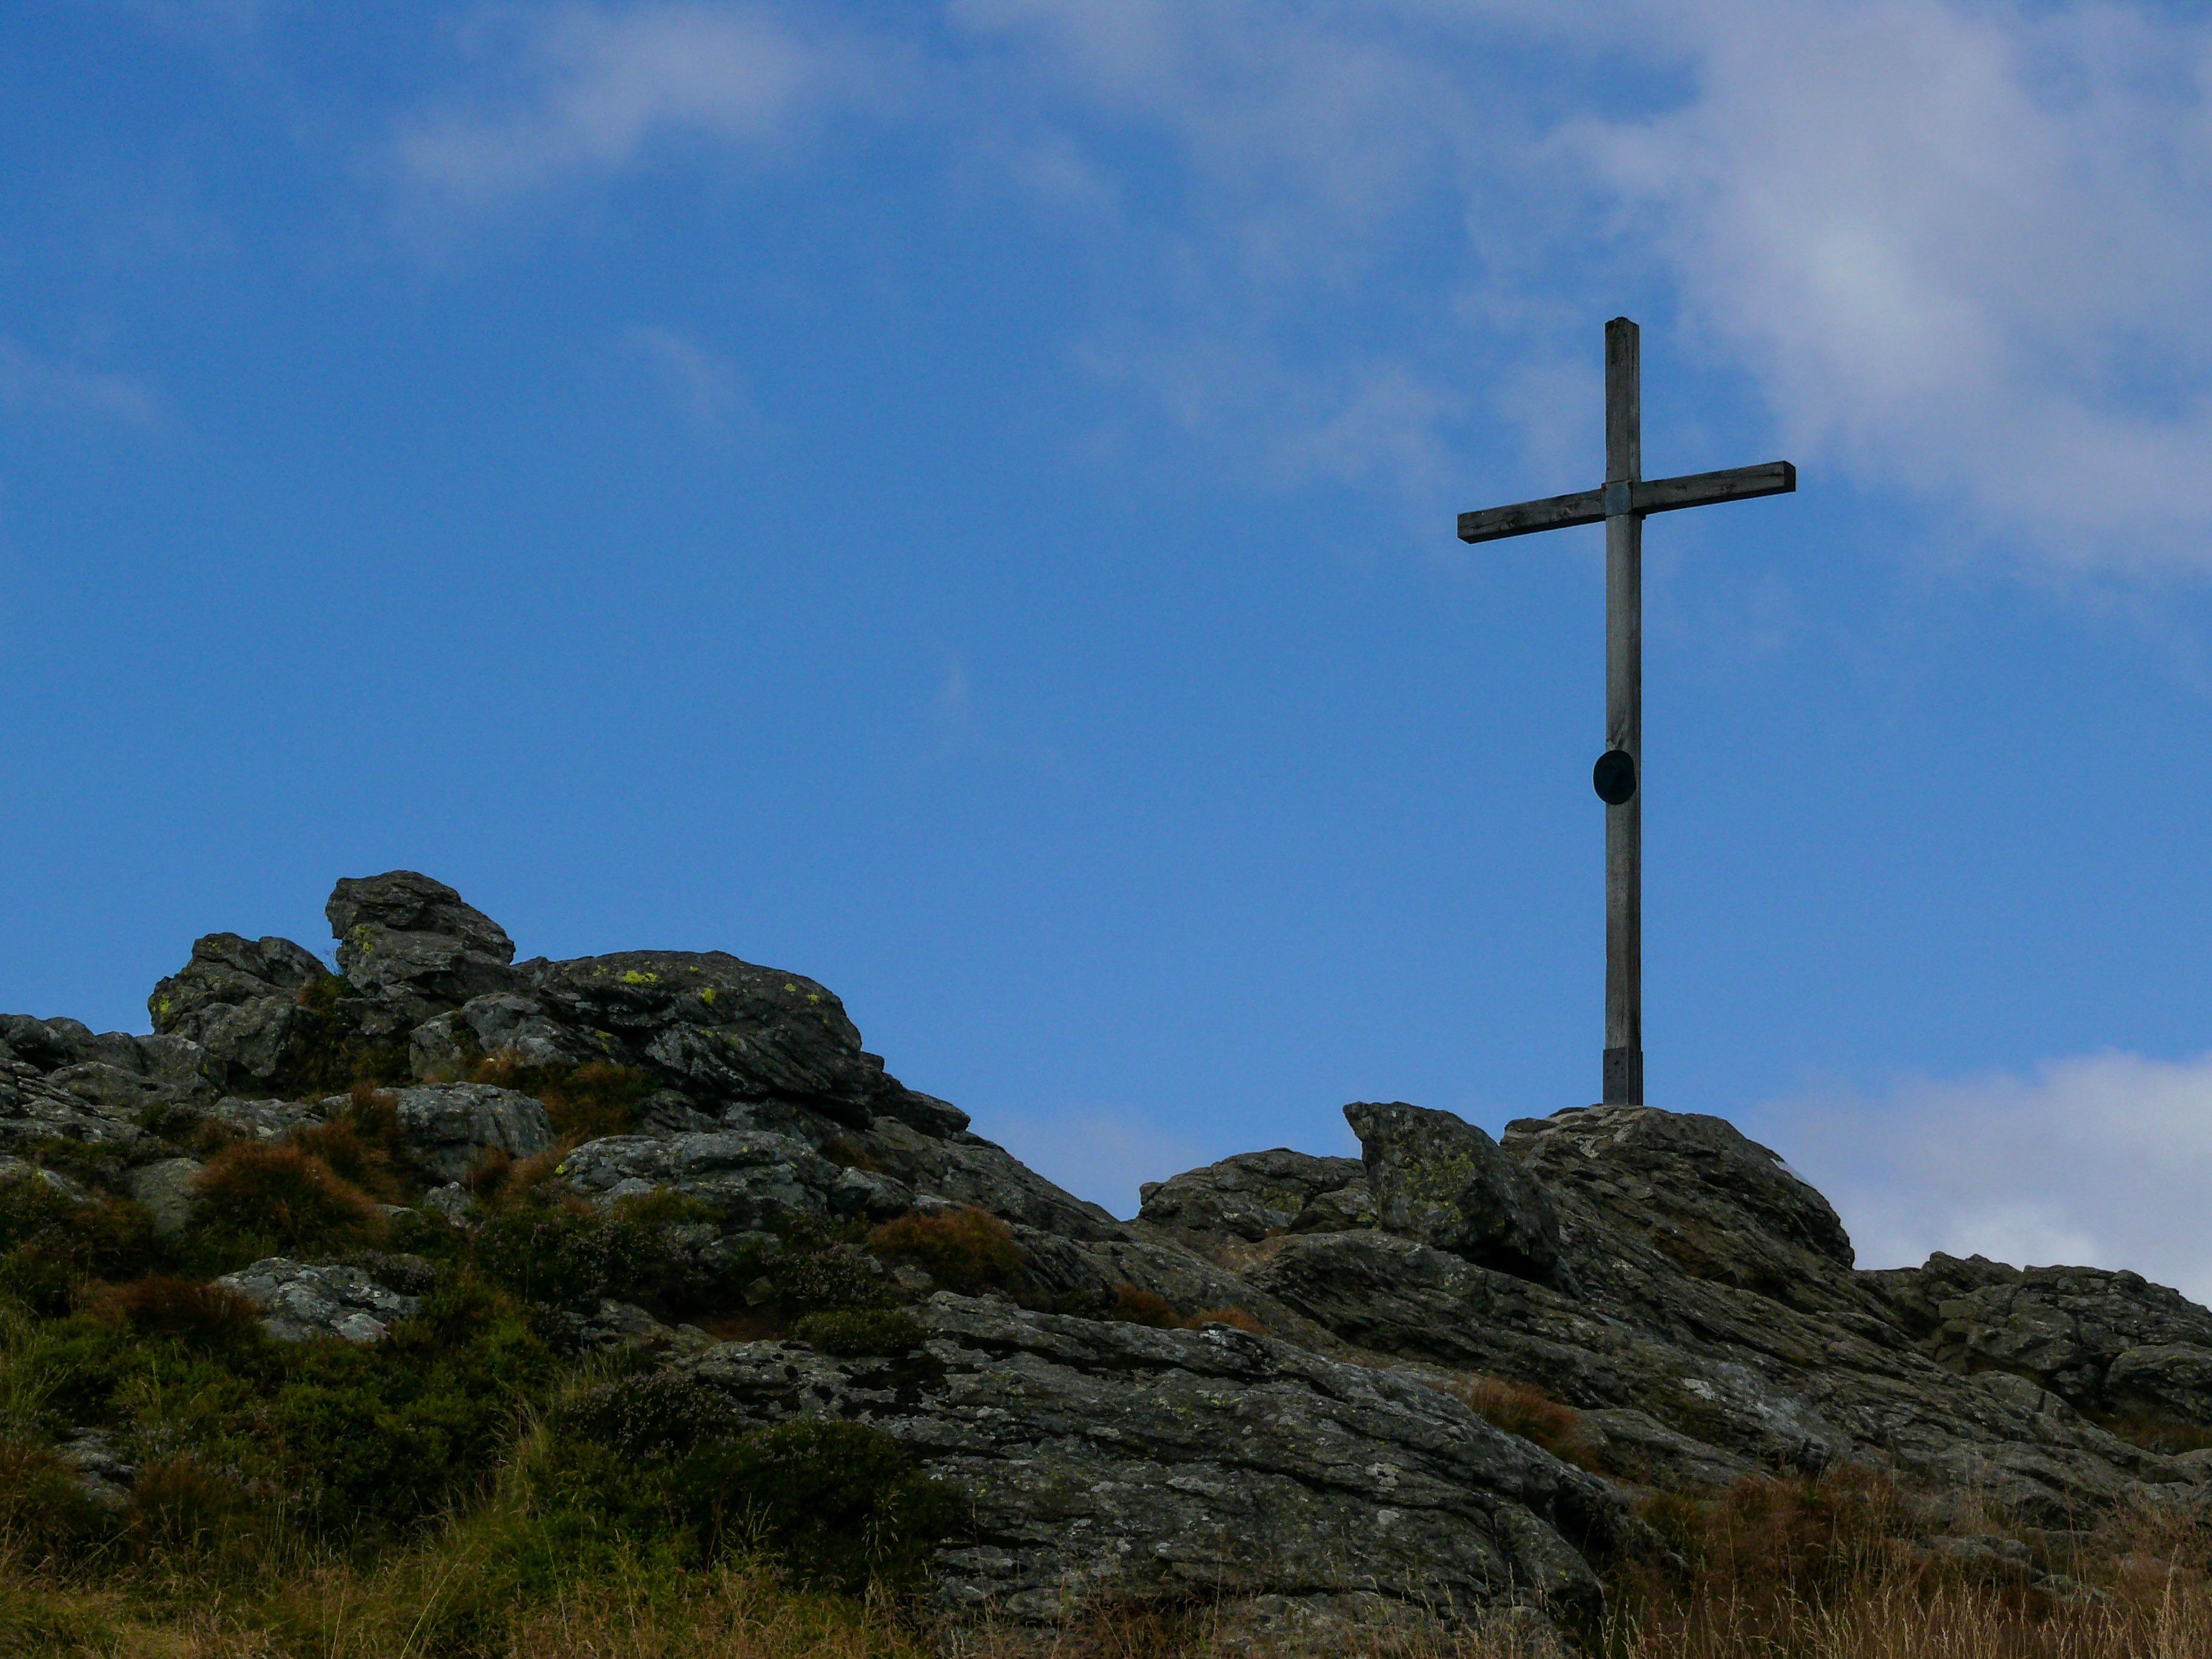 холм крест картинки продолжают общаться воспитывать